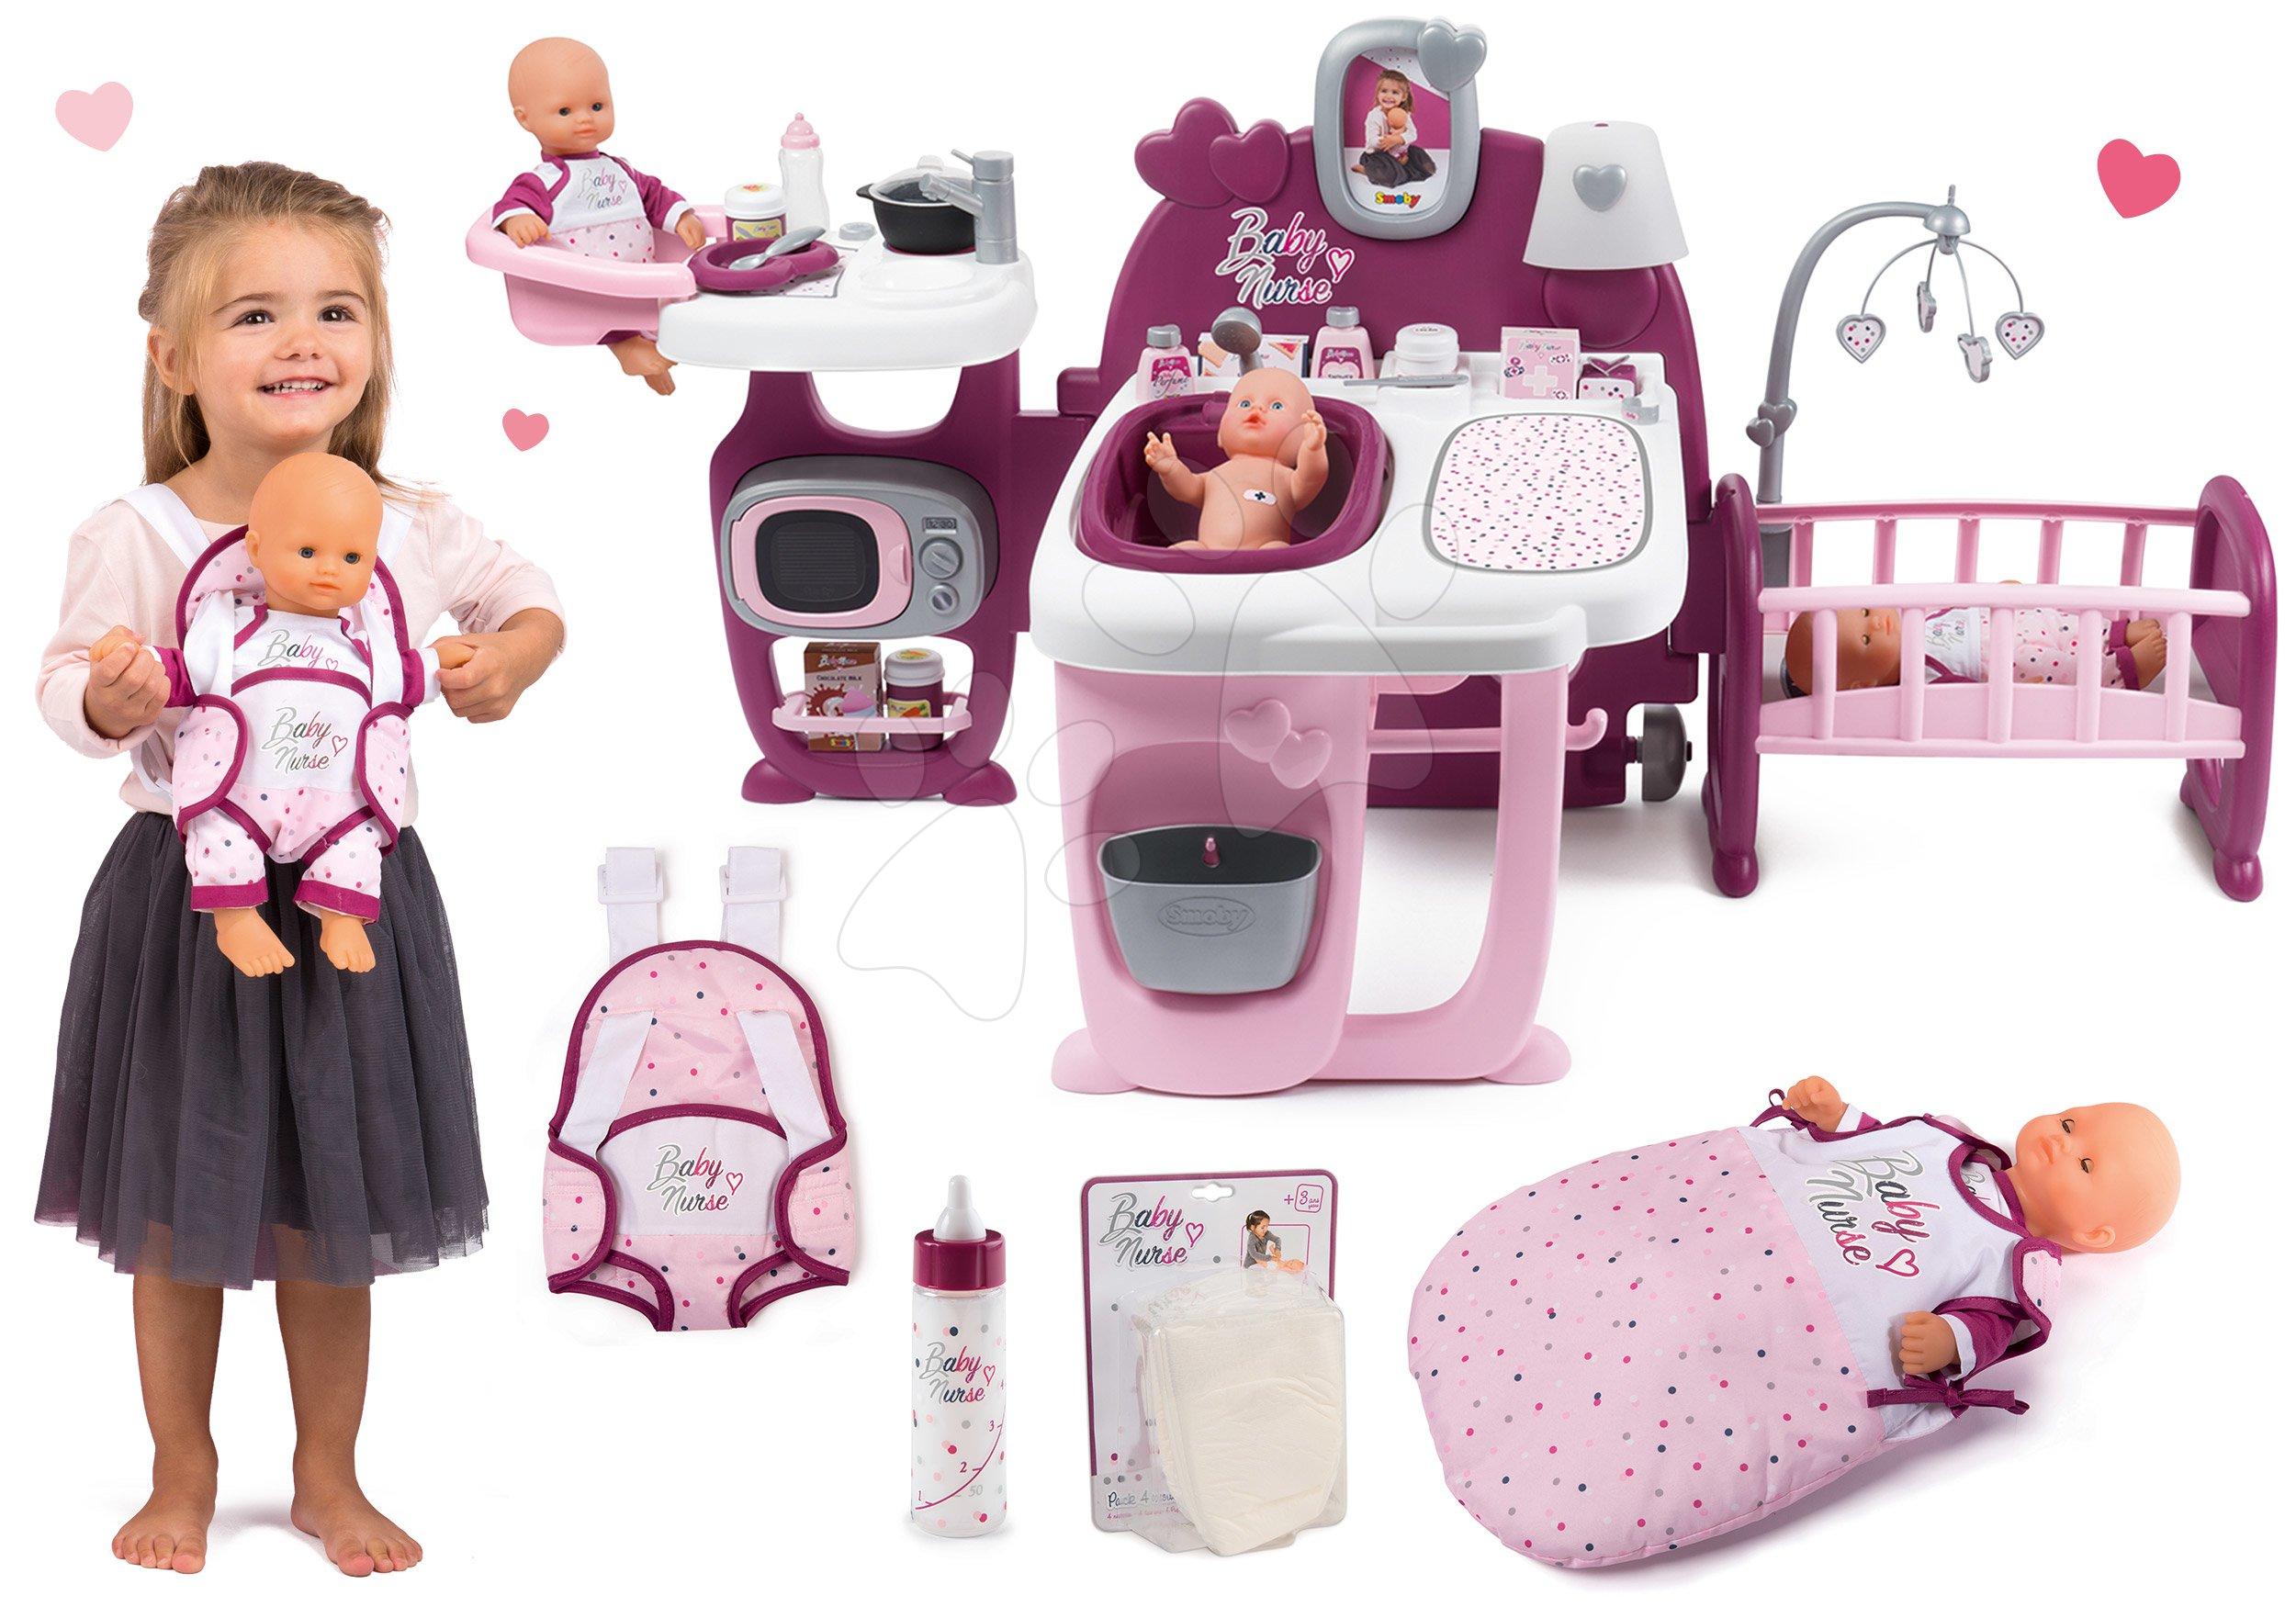 Set domeček pro panenku Violette Baby Nurse Large Doll's Play Center Smoby a panenka s pamperskami a lahví, nosič s nočním úborem